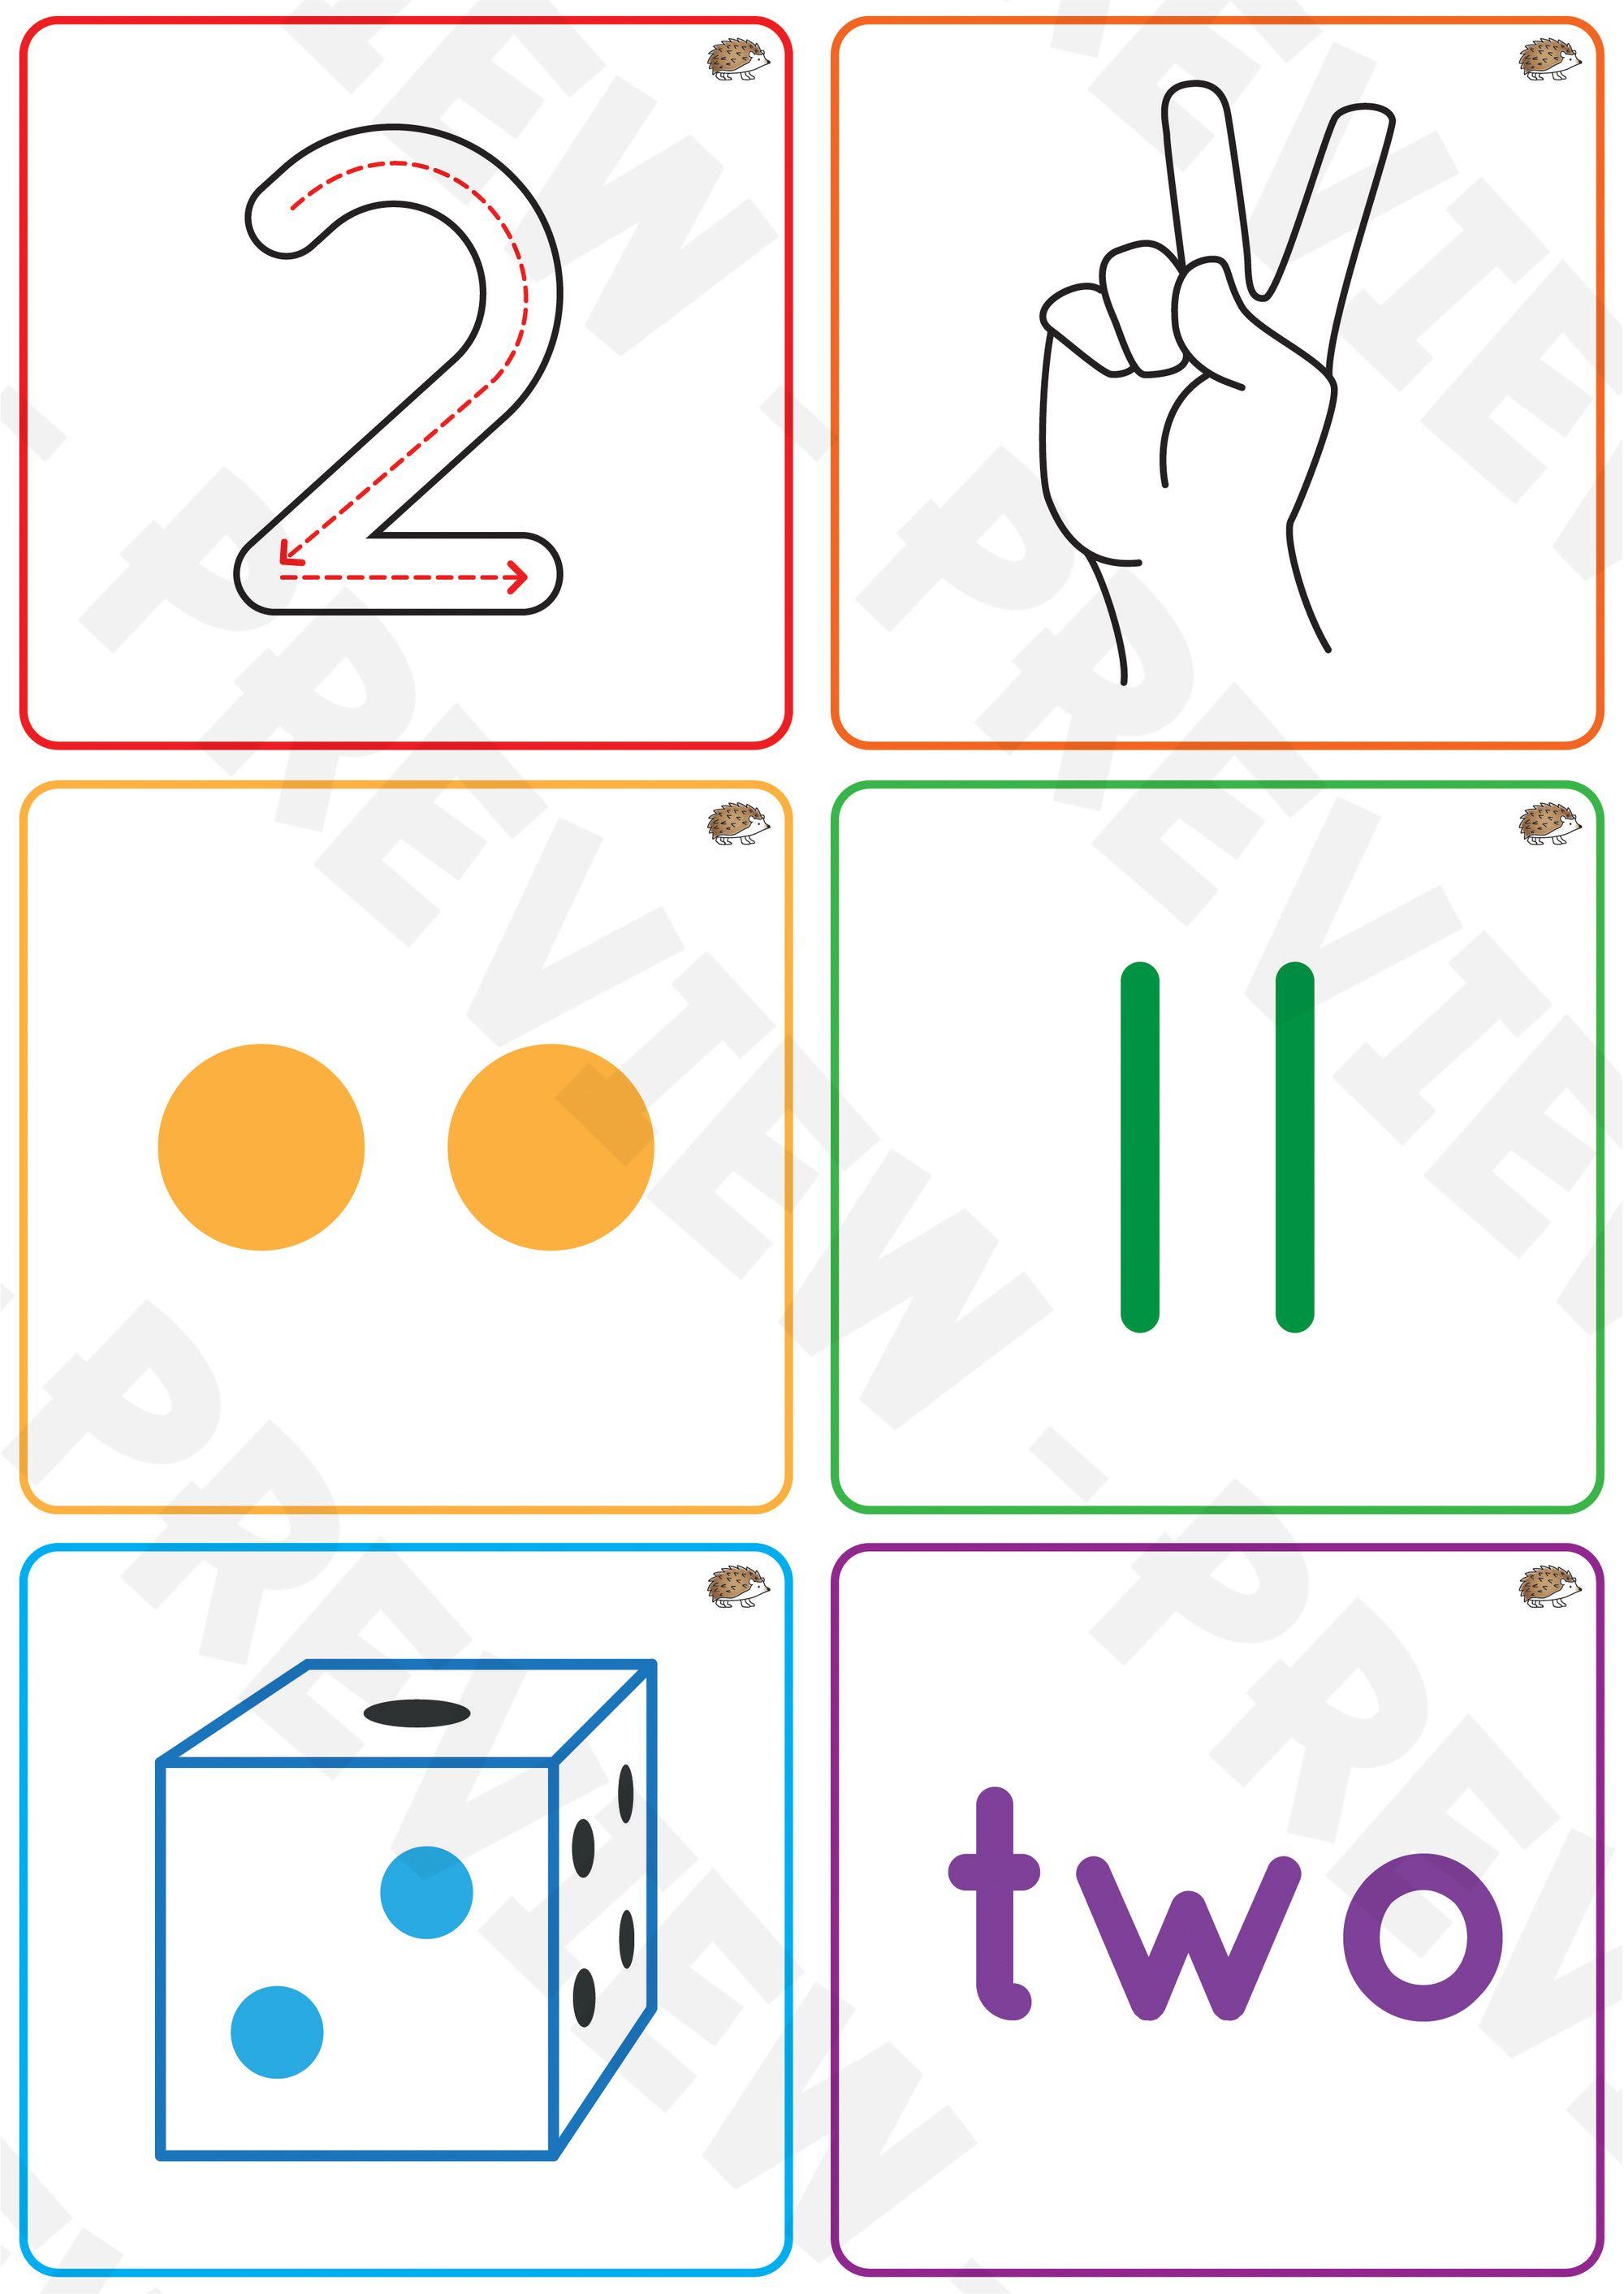 Number Comprehension Cards